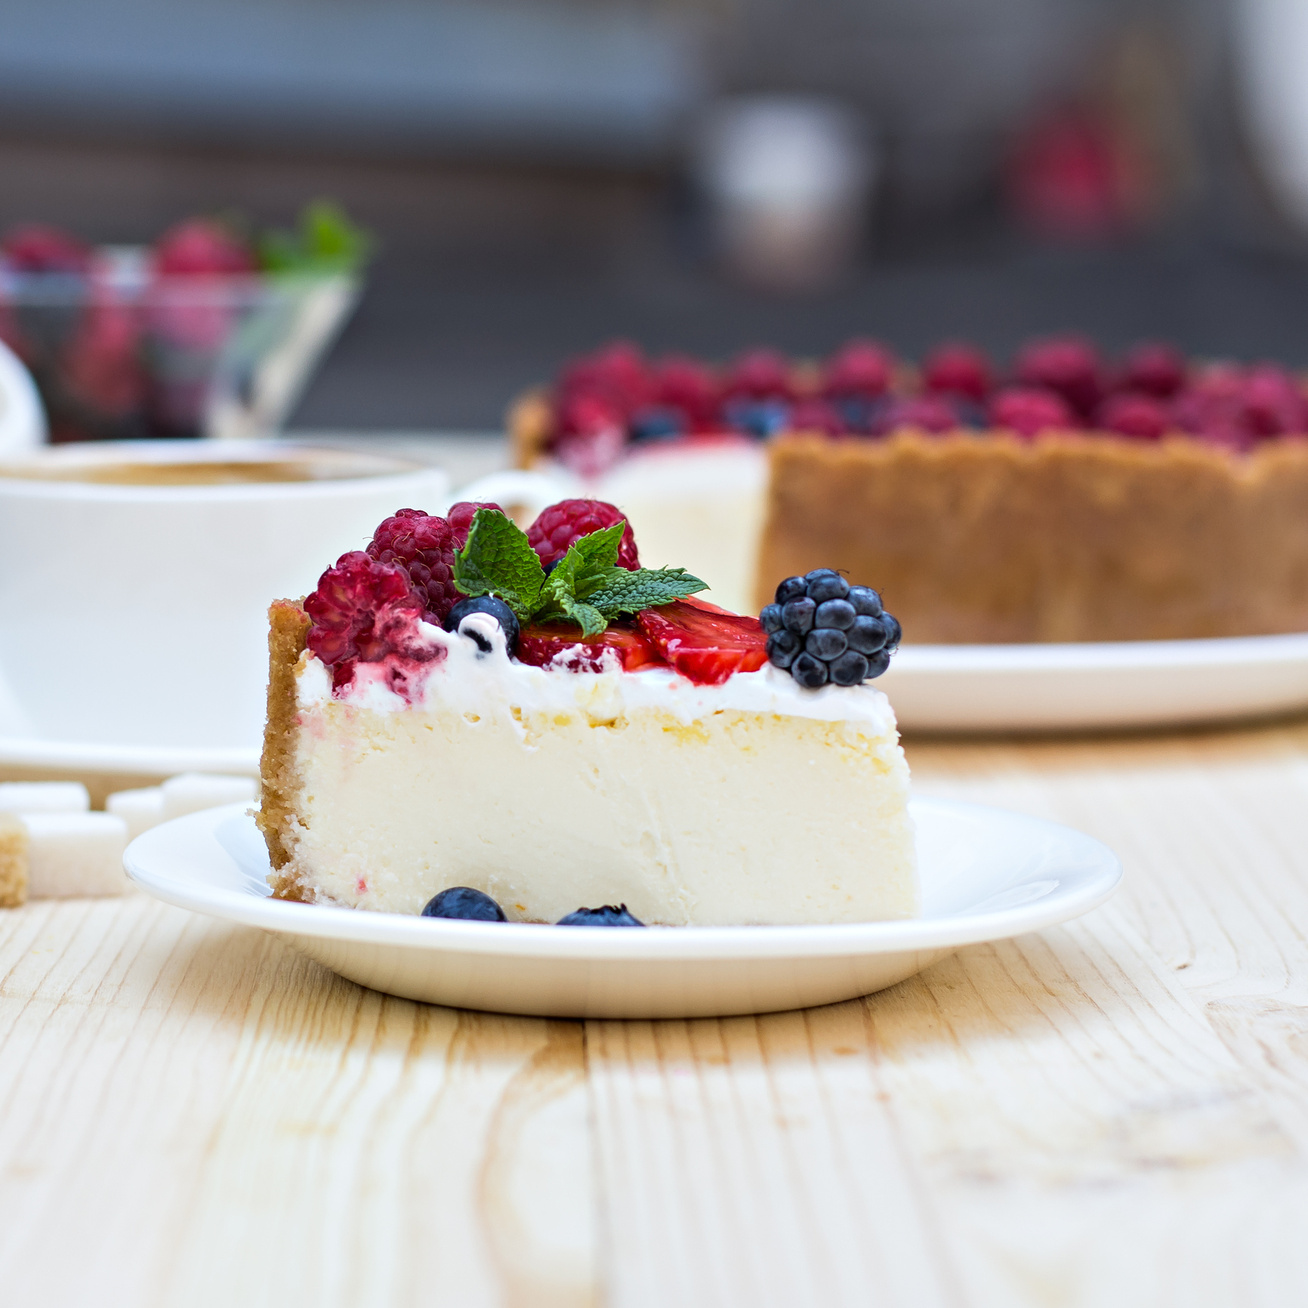 Isteni sütés nélküli gyümölcsös joghurttorta